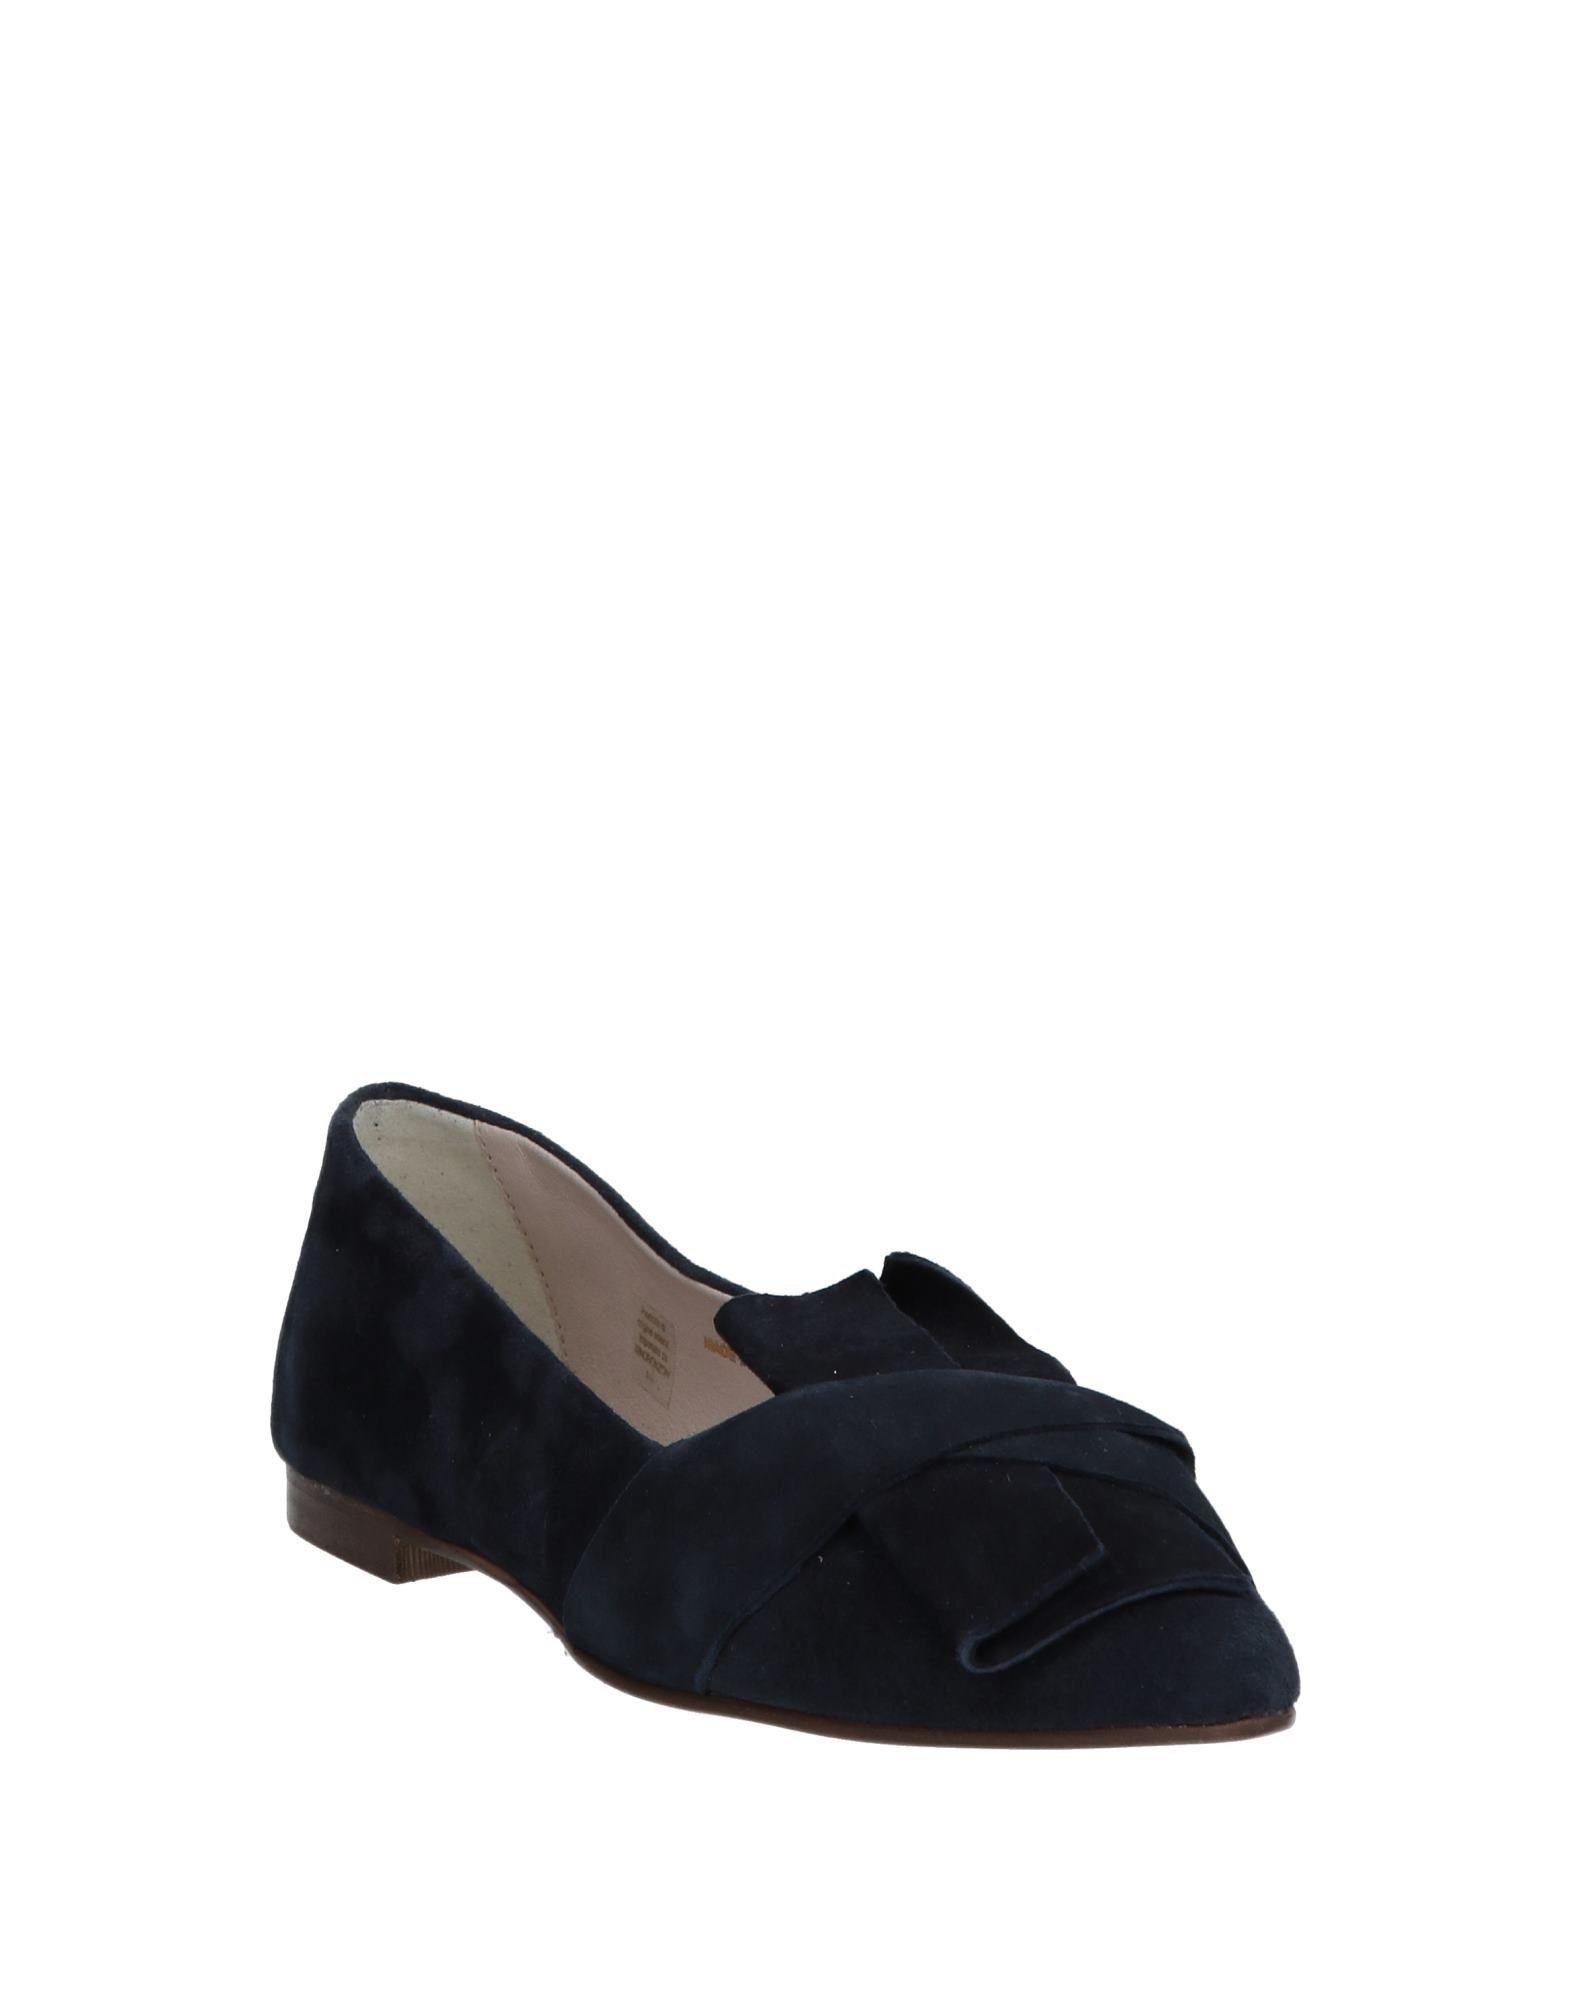 Tosca Blu Shoes Tosca Ballet Flats - Women Tosca Shoes Blu Shoes Ballet Flats online on  United Kingdom - 11571642NQ 8204cc